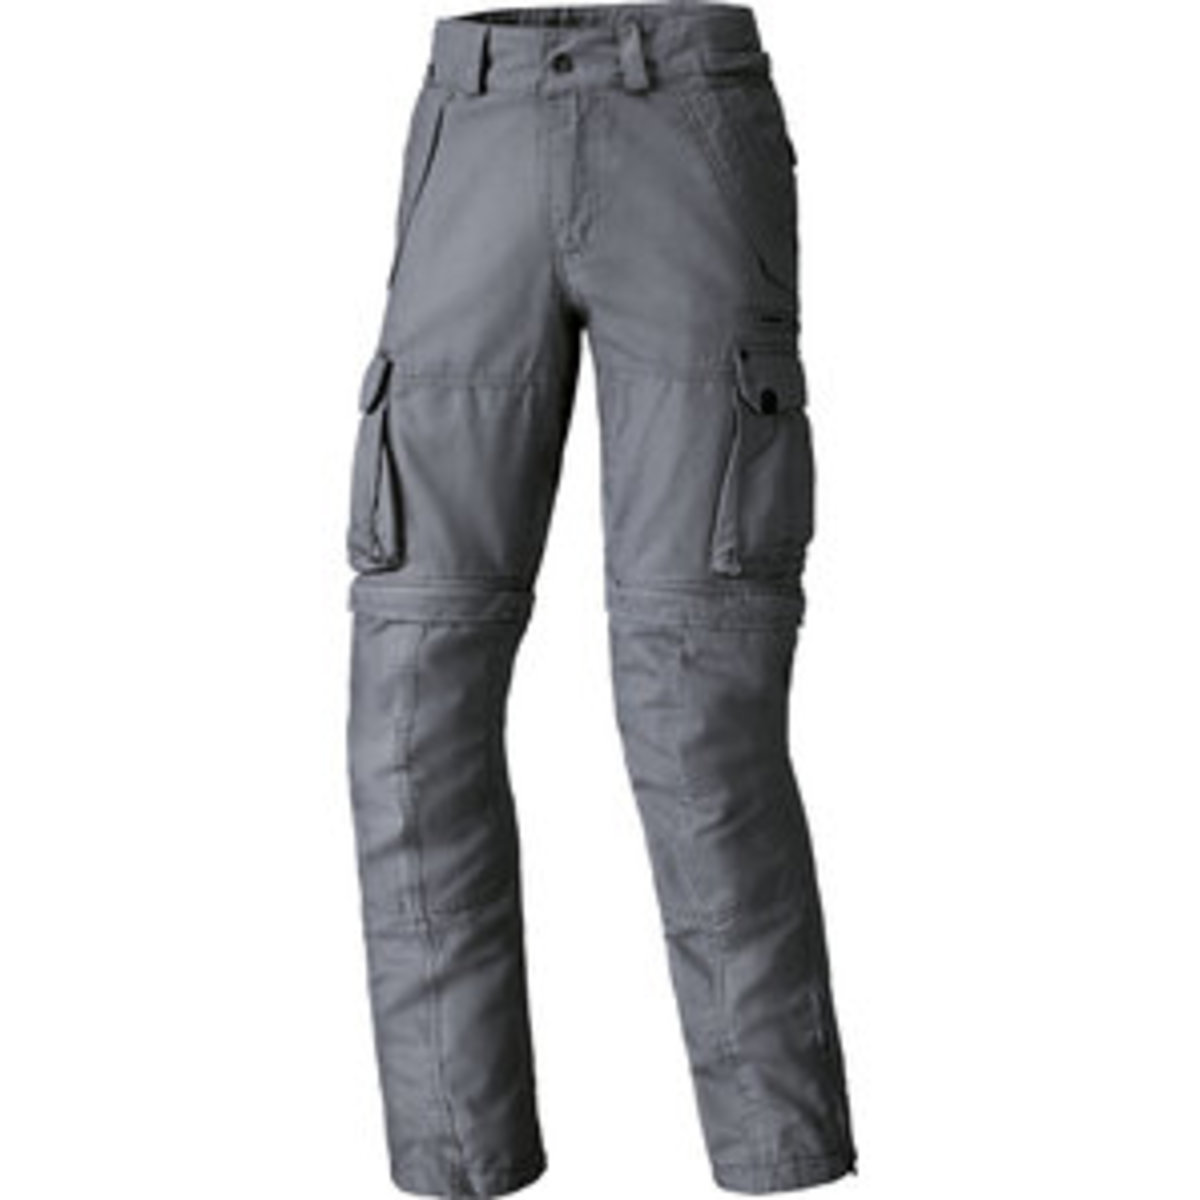 Bild 1 von Held Marph 6703 Cargo        Textilhose